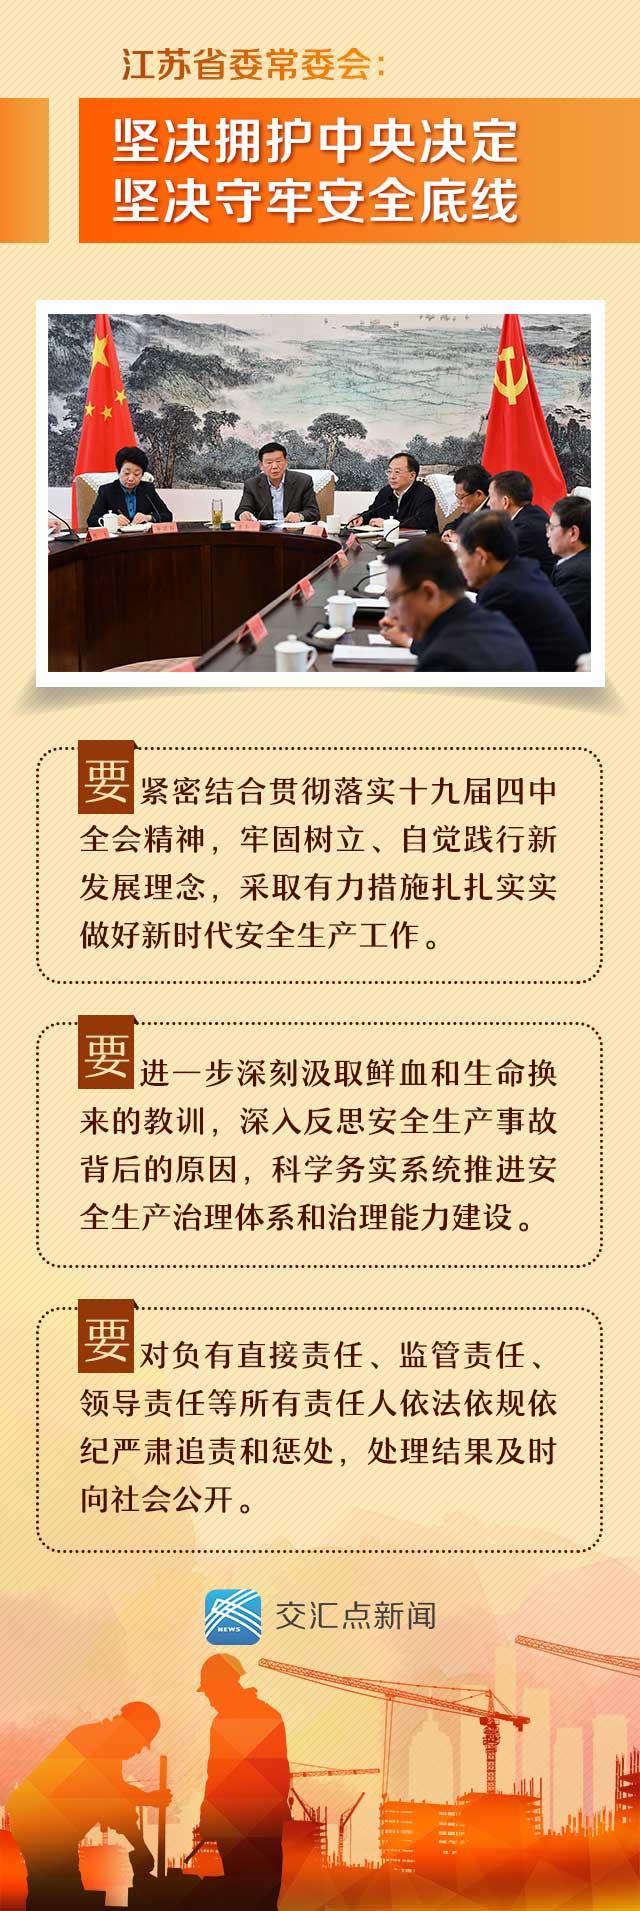 江苏省委常委会:拥护中央对响水